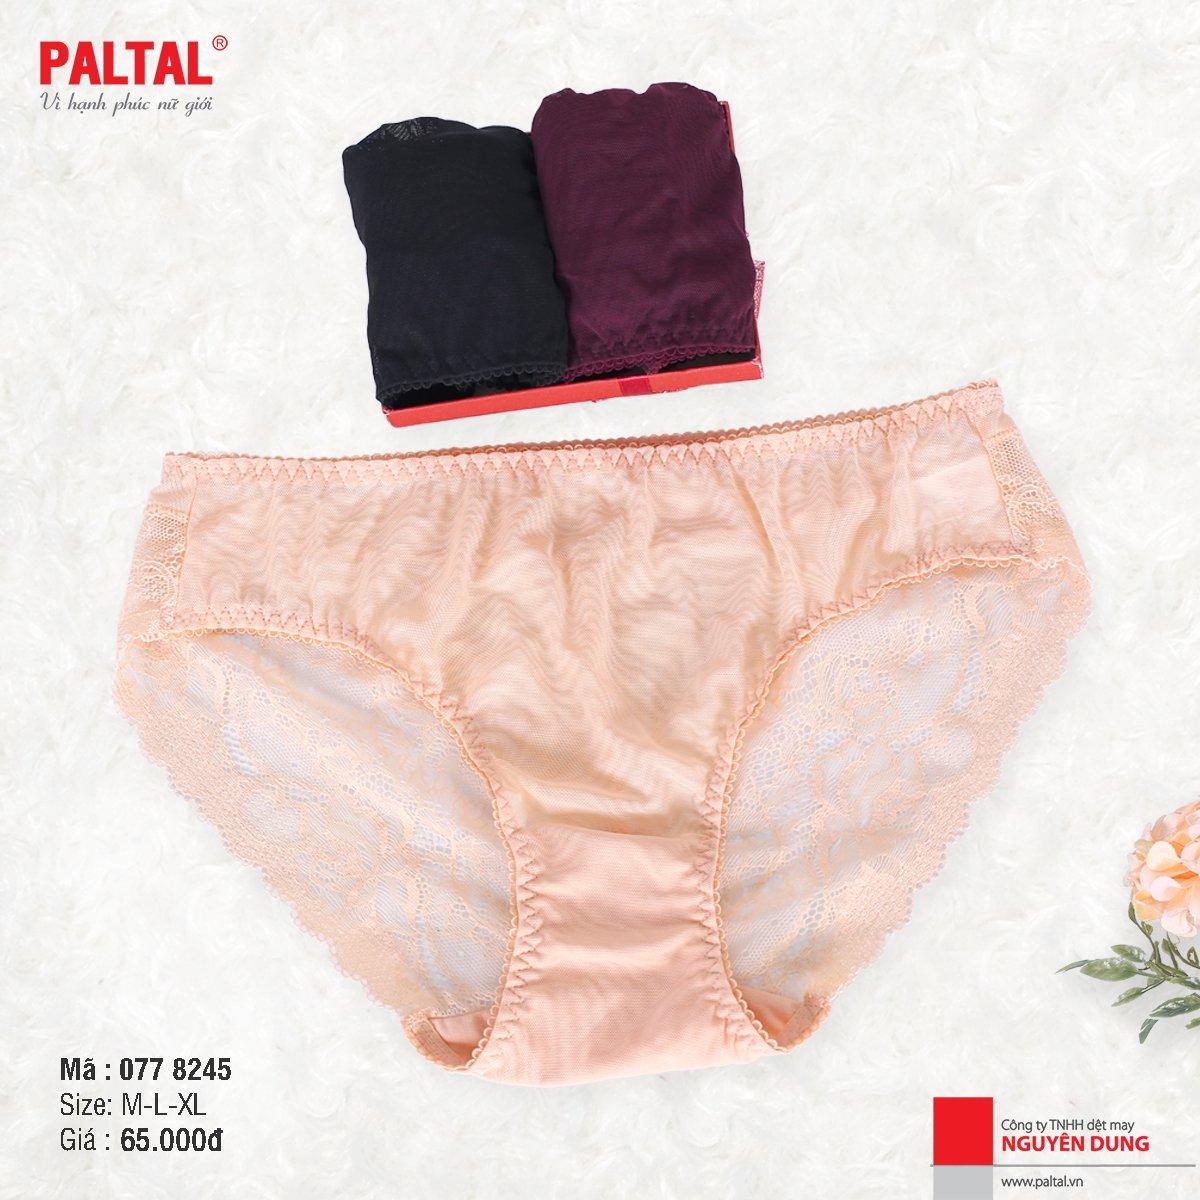 quần lót nữ lưng cao cao cấp paltal 077P 8245